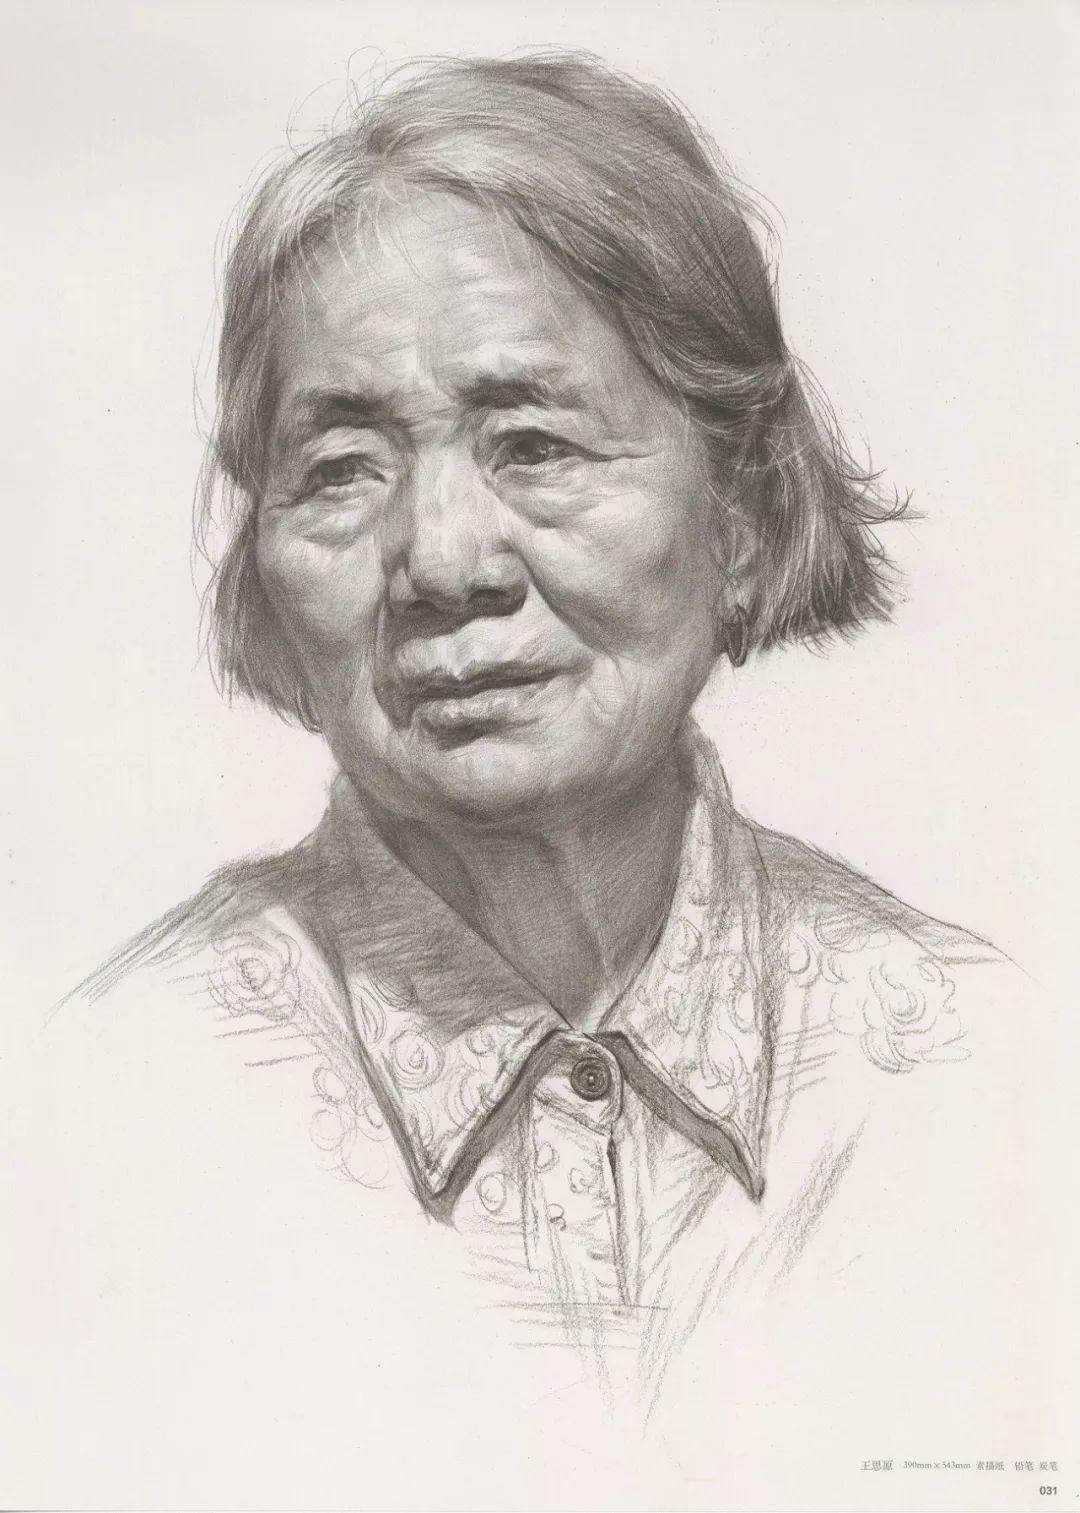 画老人素描头像就犯怂,掌握了广州十大画室整理的这两点就不怂了,30